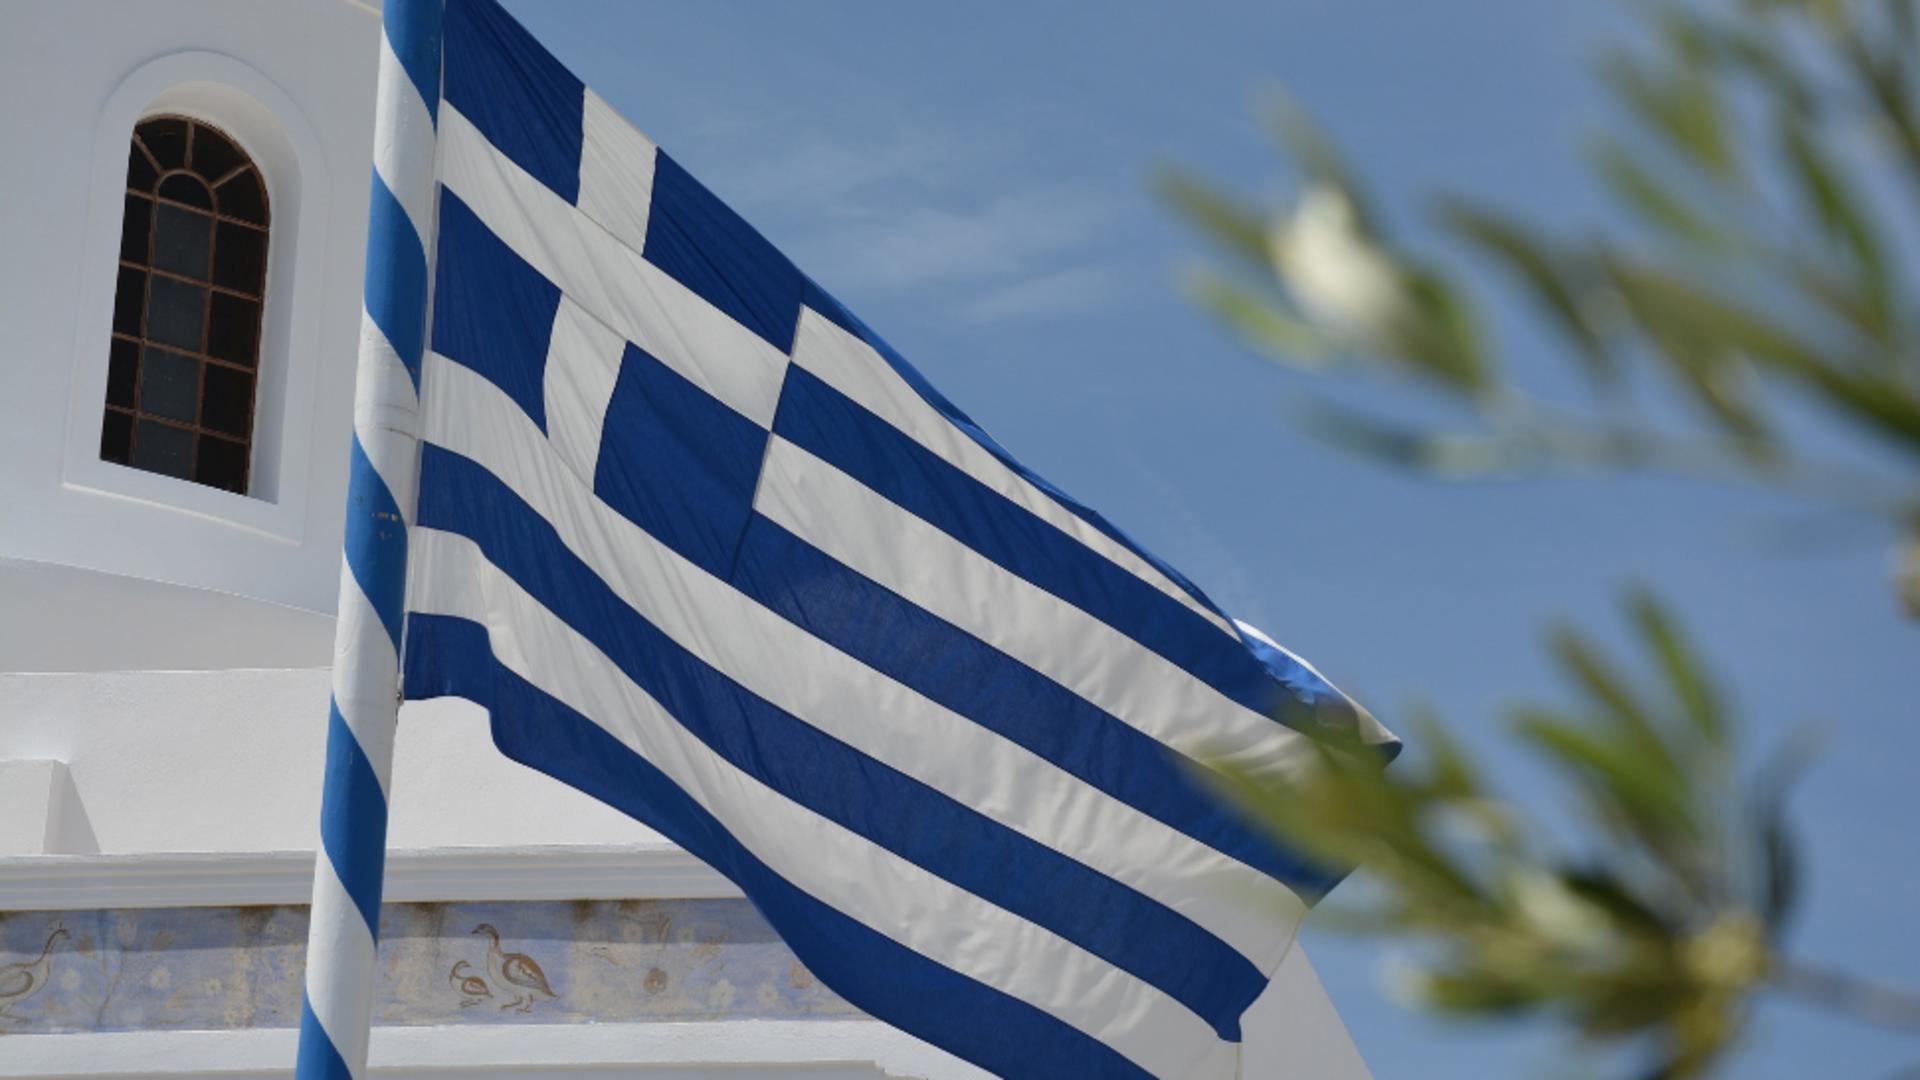 Ploi torențiale și vijelii se anuță în Grecia. Foto arhivă